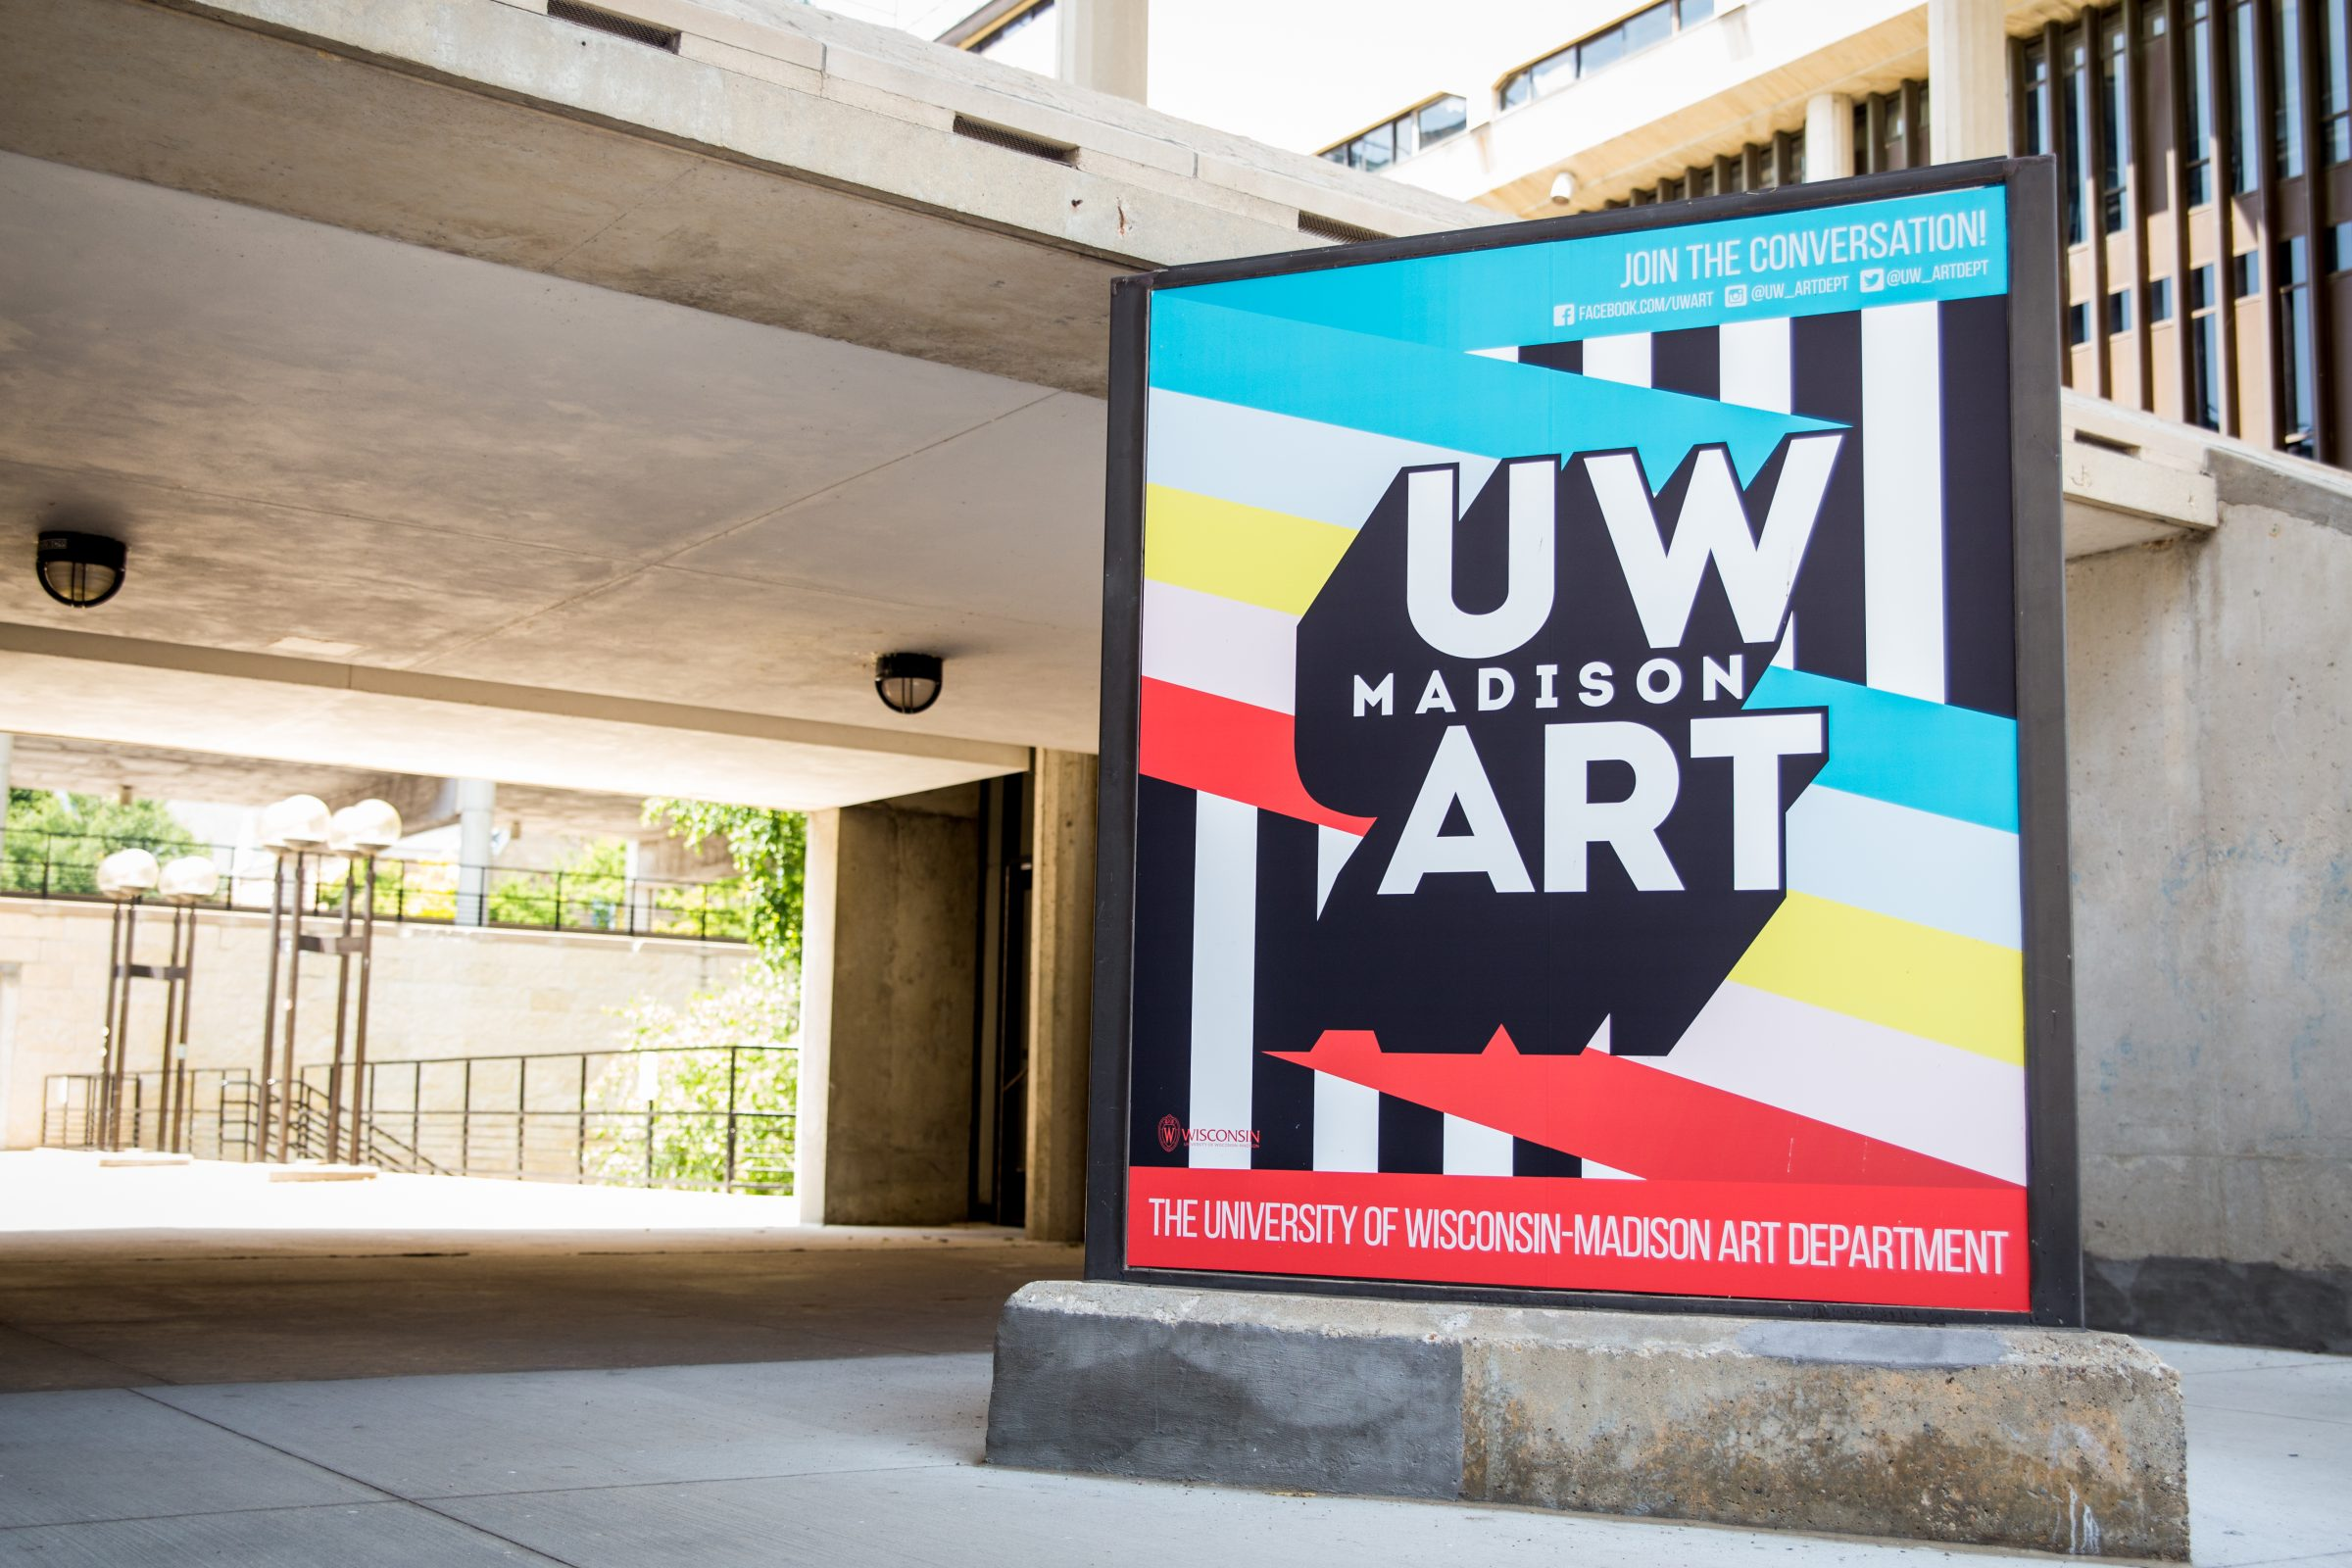 Humanities Building Exterior featuring the UW Art kiosk.